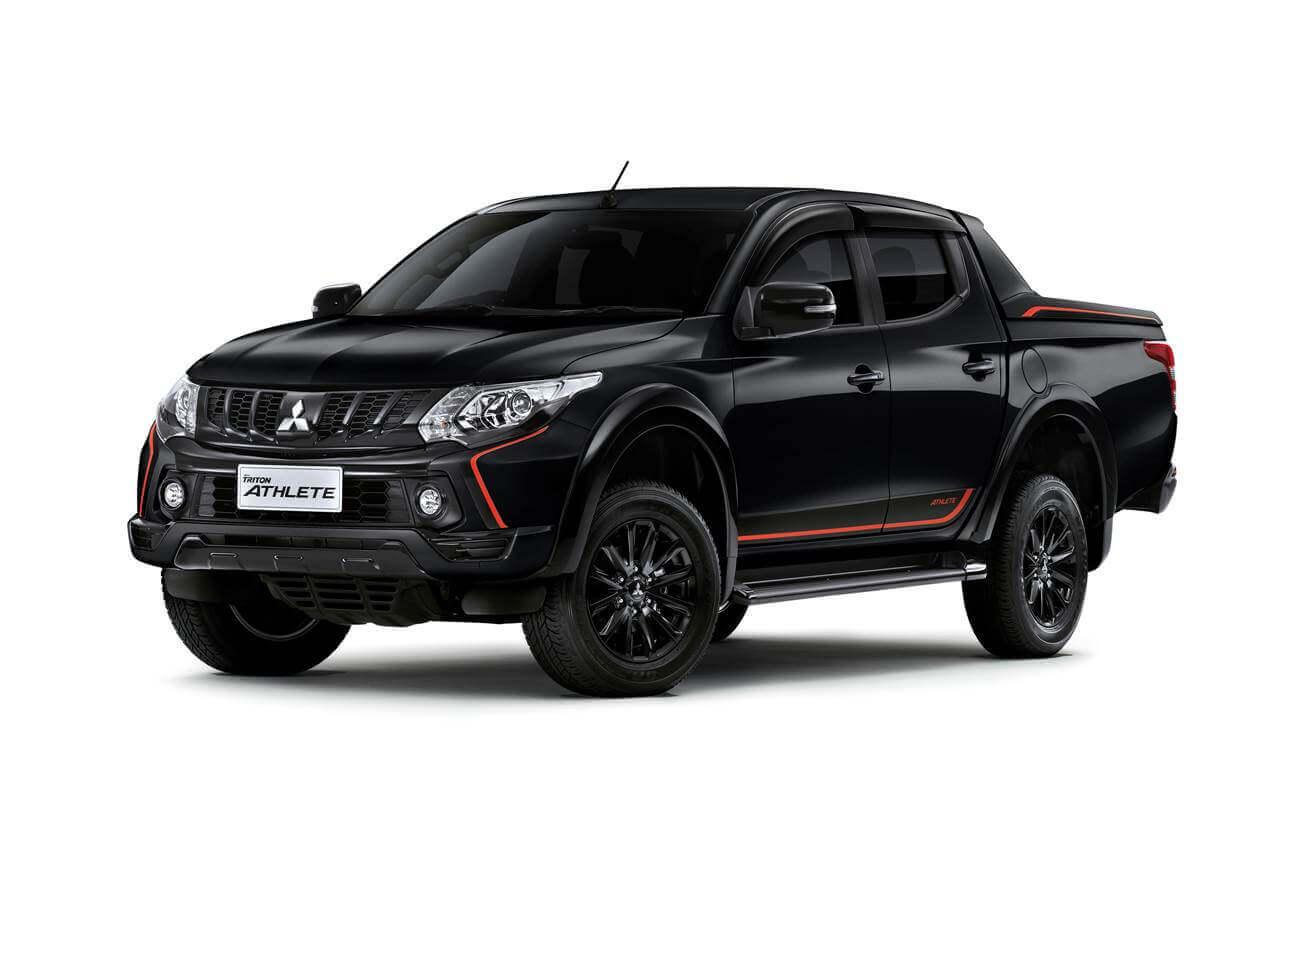 Mitsubishi Triton Athlete Cash Rebate RM8000 | Mitsubishi Motors Malaysia